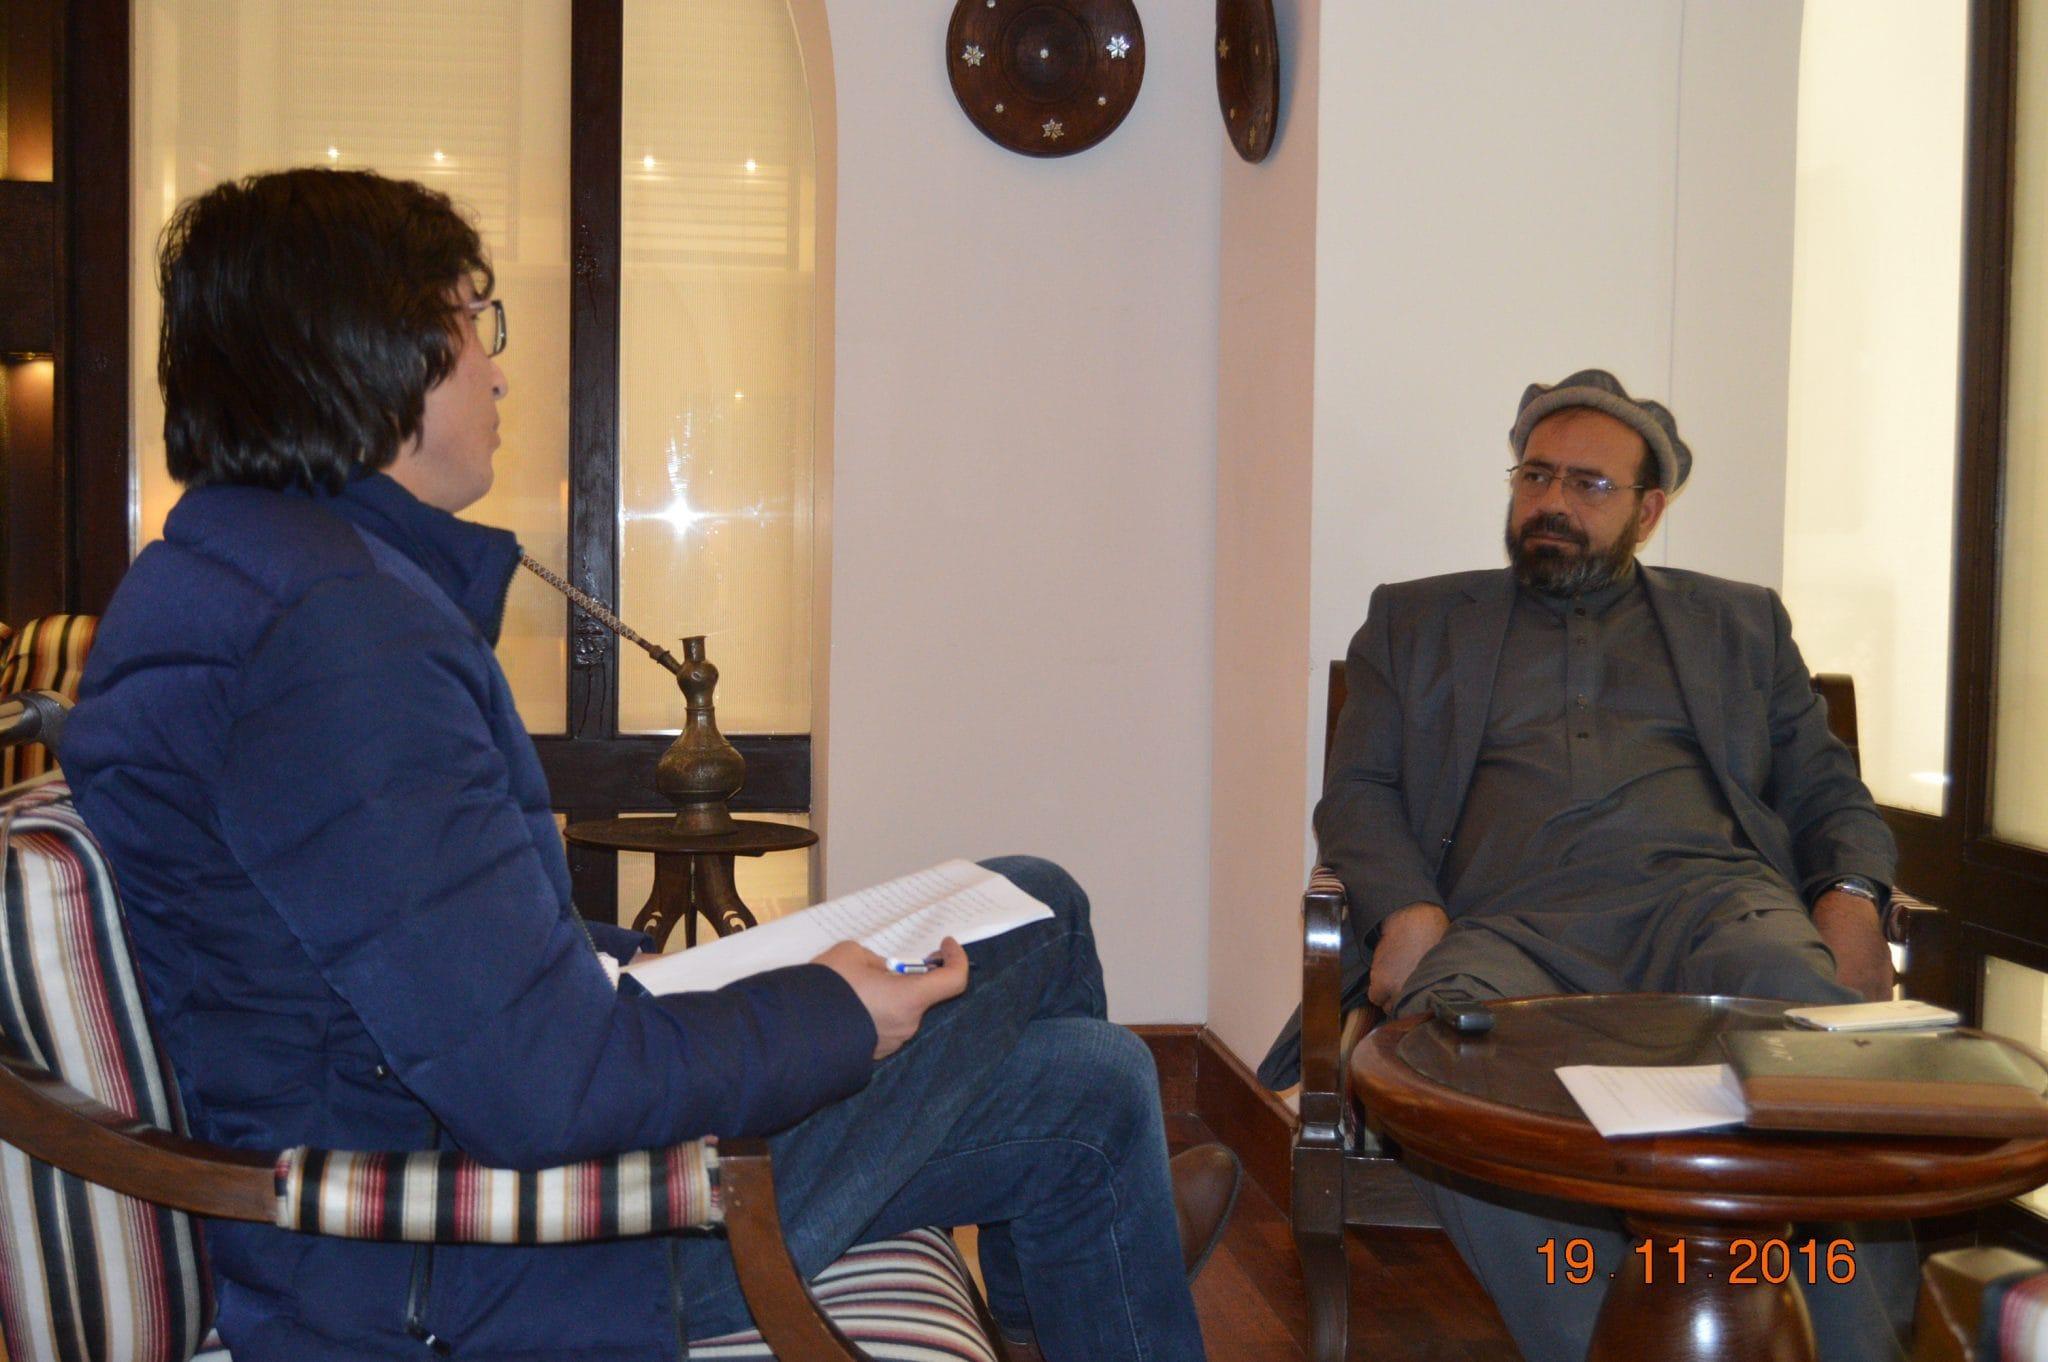 کریم امین در گفتوگو با روزنامه اطلاعات روز